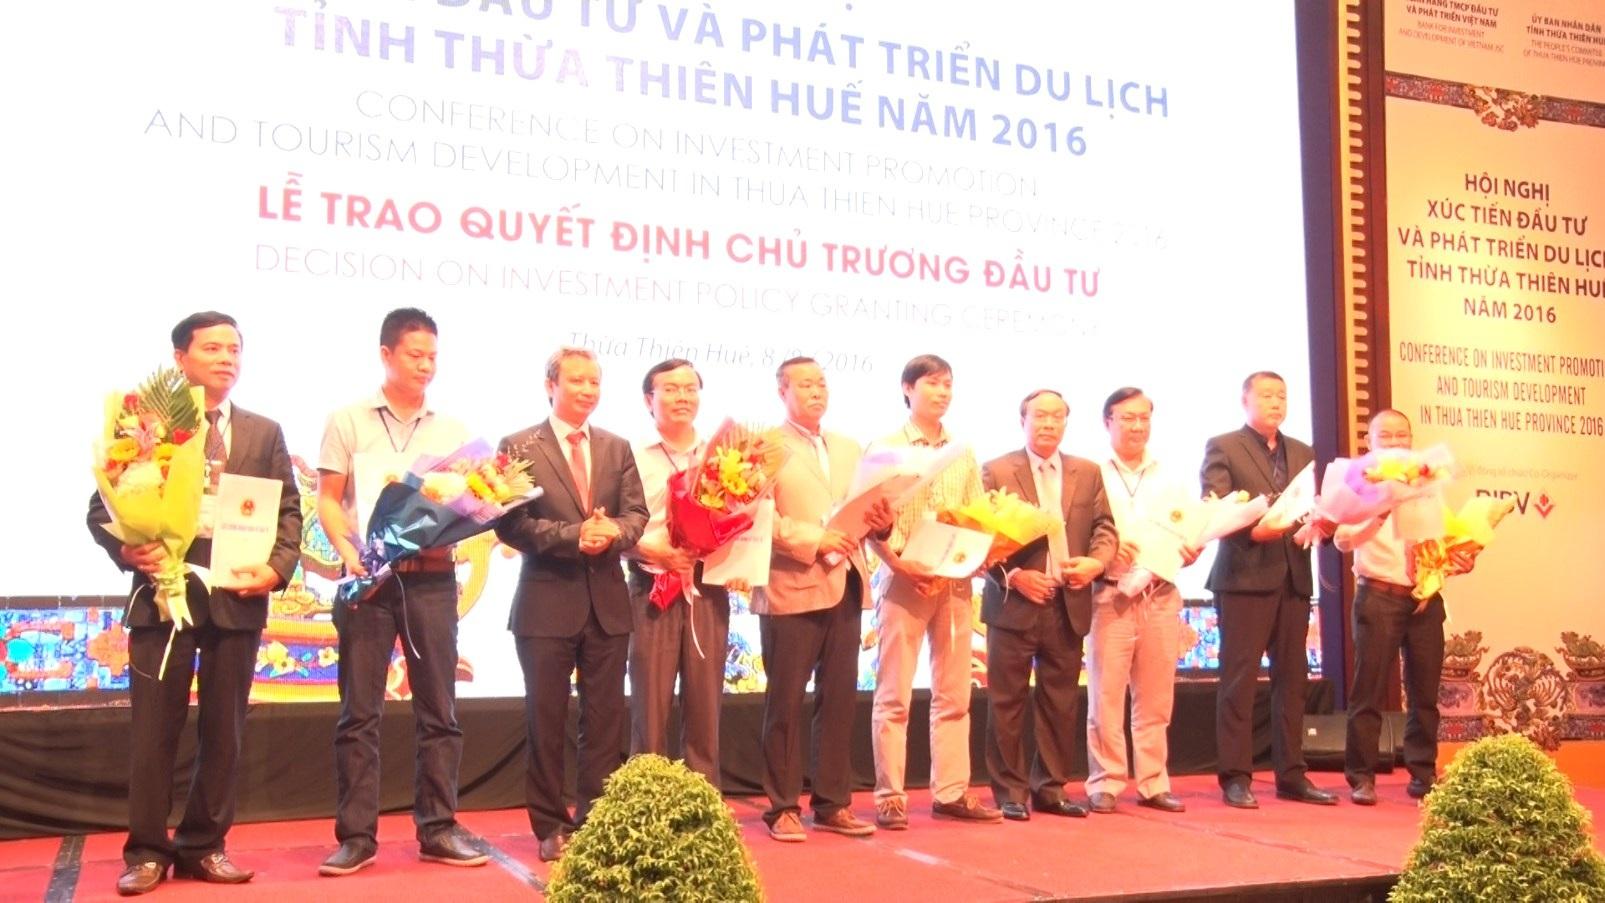 Trao giấy chứng nhận đầu tư cho các đối tác đầu tư tại Huế năm 2016